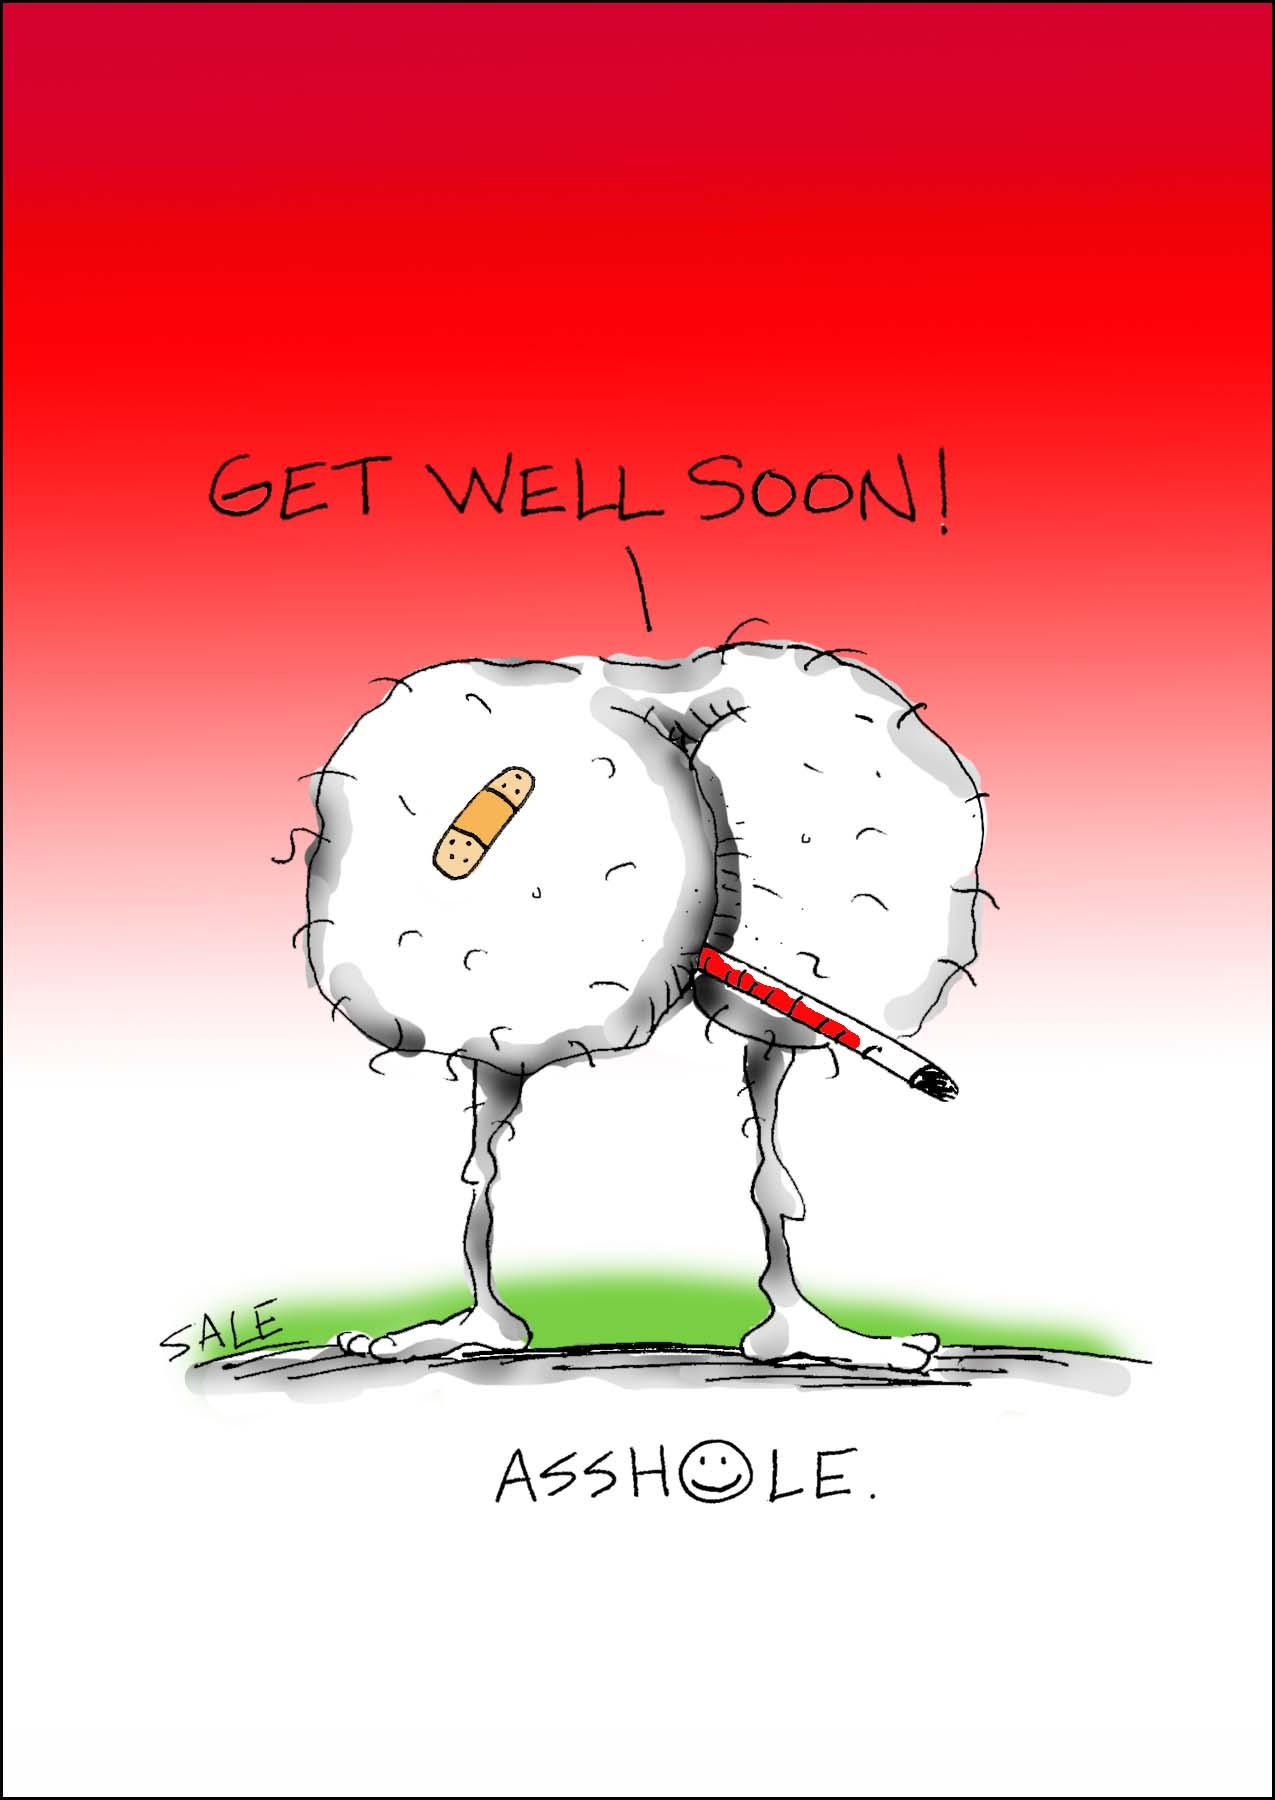 get well soon asshole